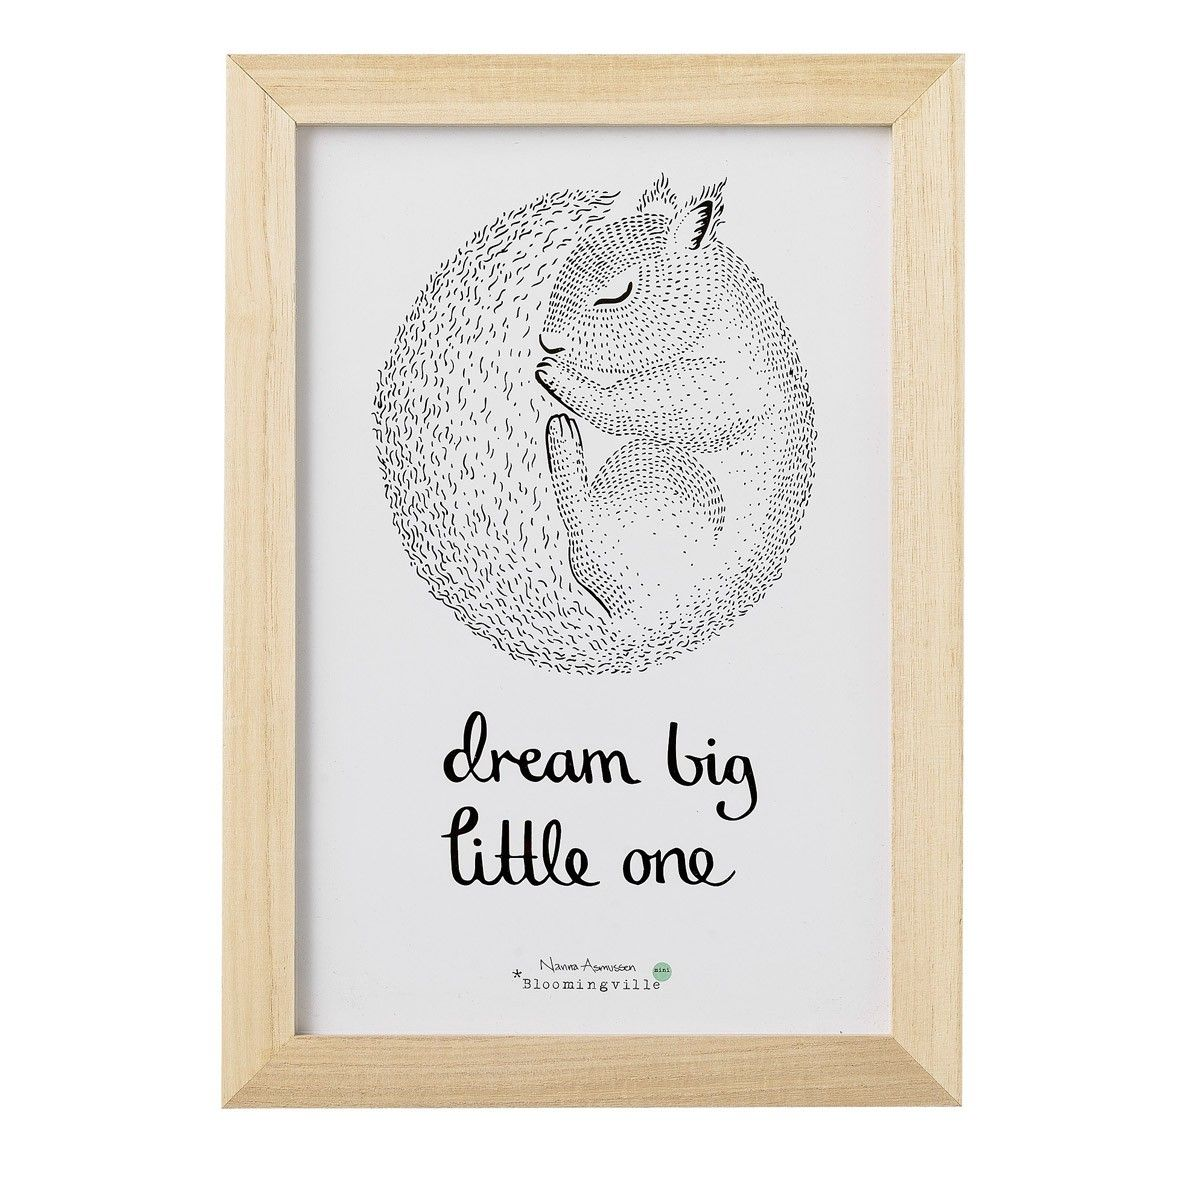 Schlaf gut mein Schatz - Bilderrahmen von Bloomingville | Kids Room ...